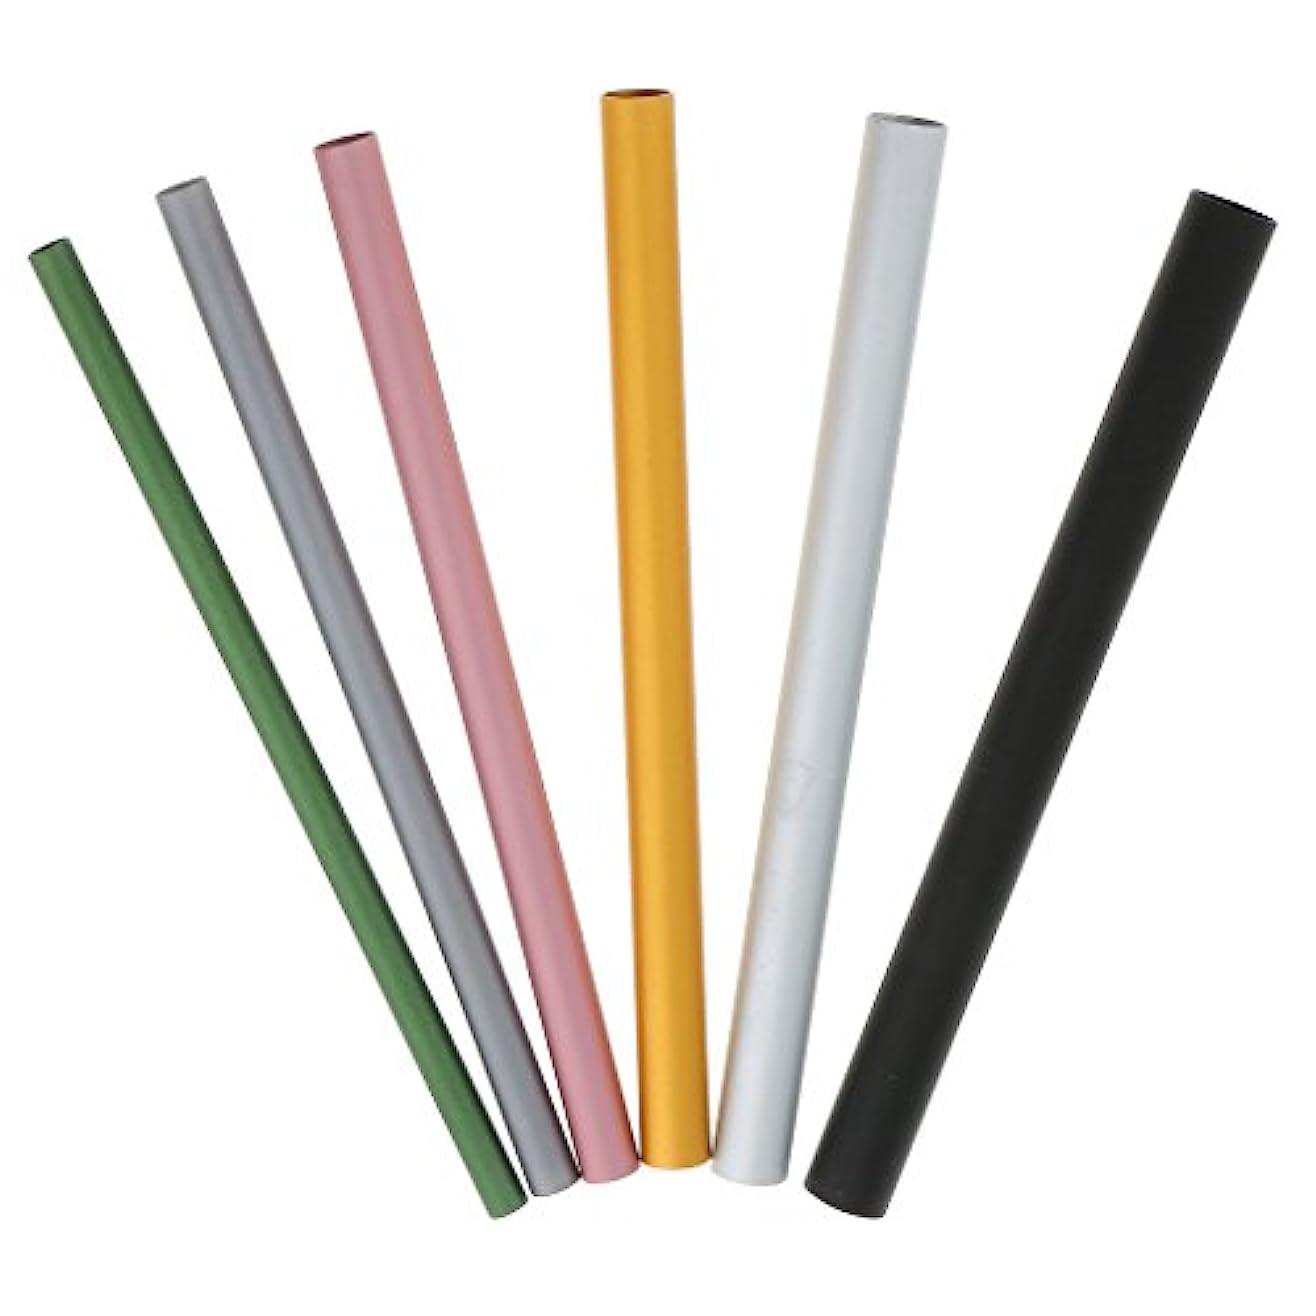 ホバー将来のパスタSONONIA 6本 ミックスサイズ Cカーブ アルミ棒 爪用 ネイルアート アクリルヒント ヒント スティック